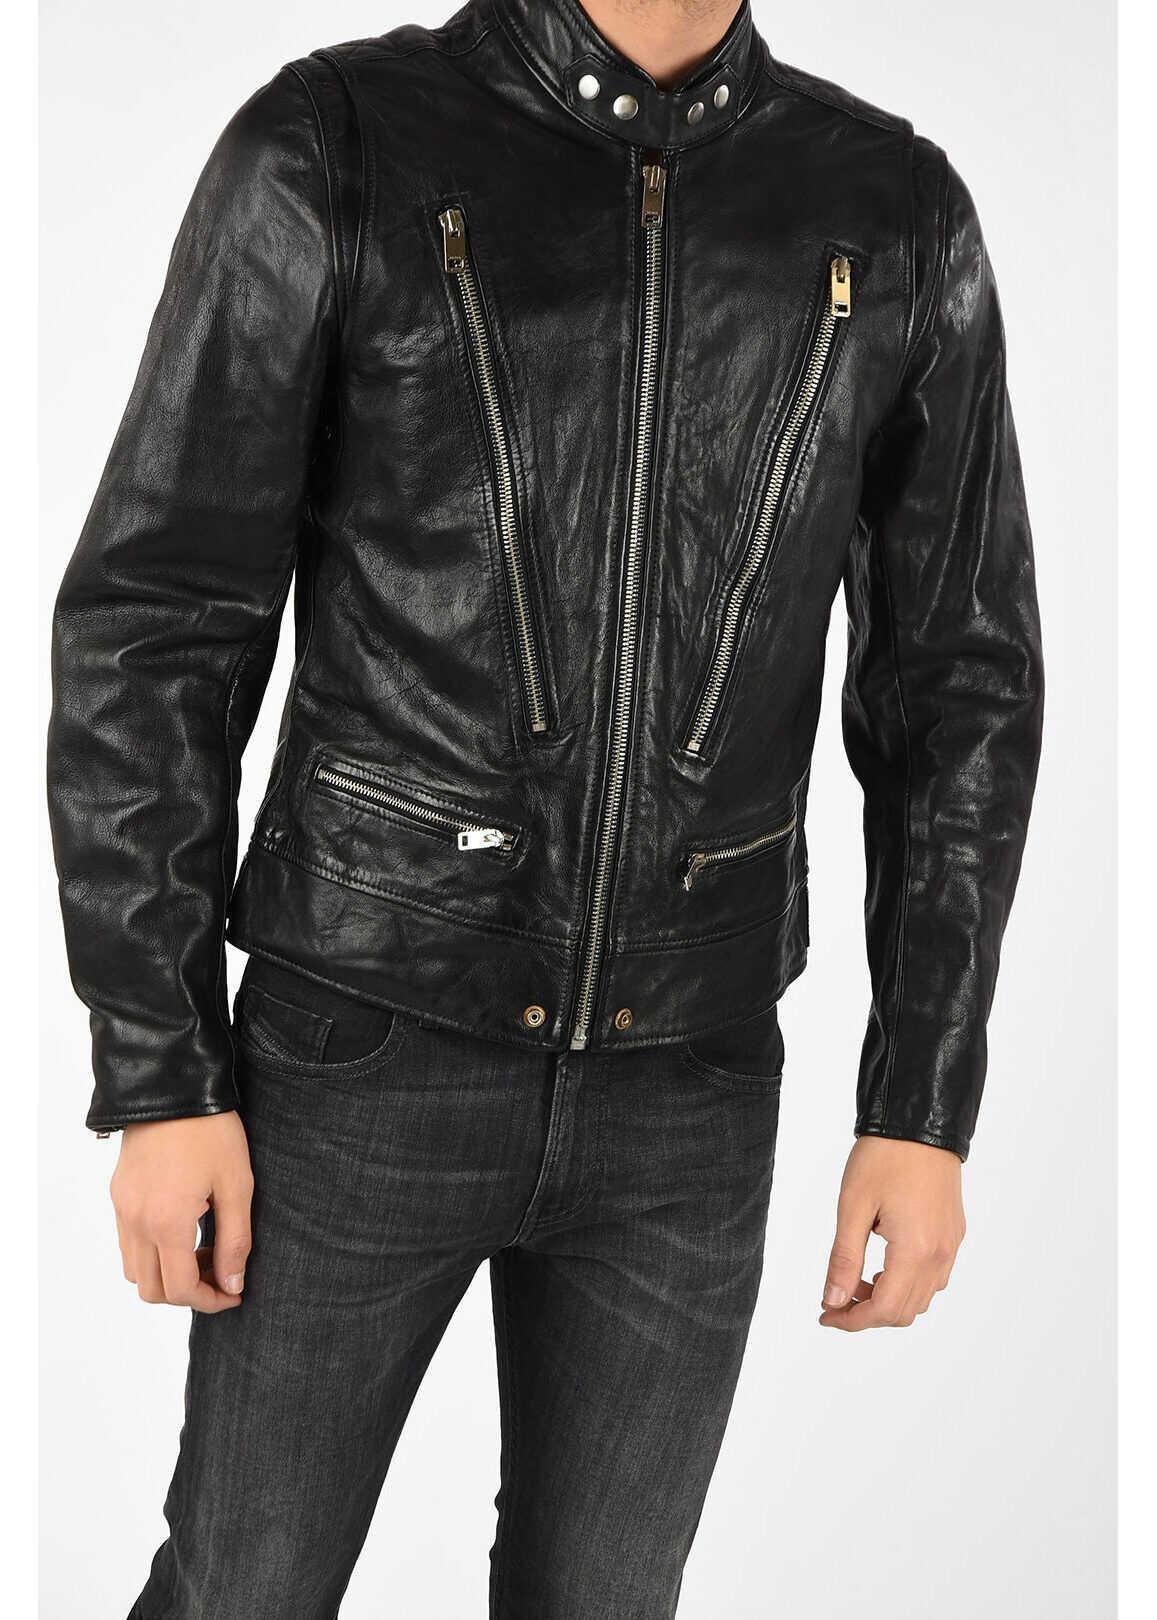 Diesel Leather L-HARDSTYLE Jacket BLACK imagine